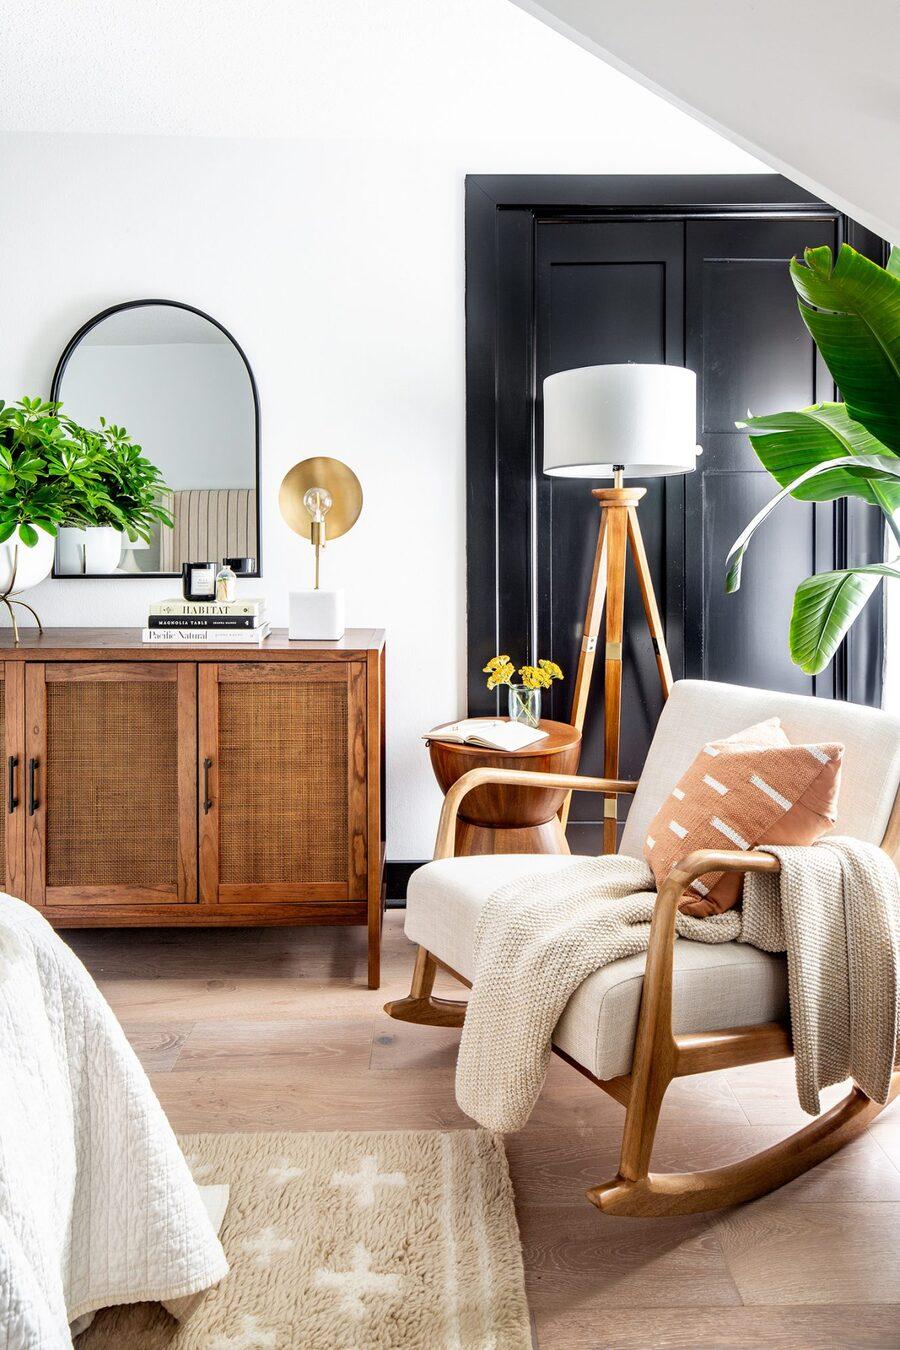 Un rincón dedicado al relajo con una poltrona mecedora, una lámpara de pie y plantas.